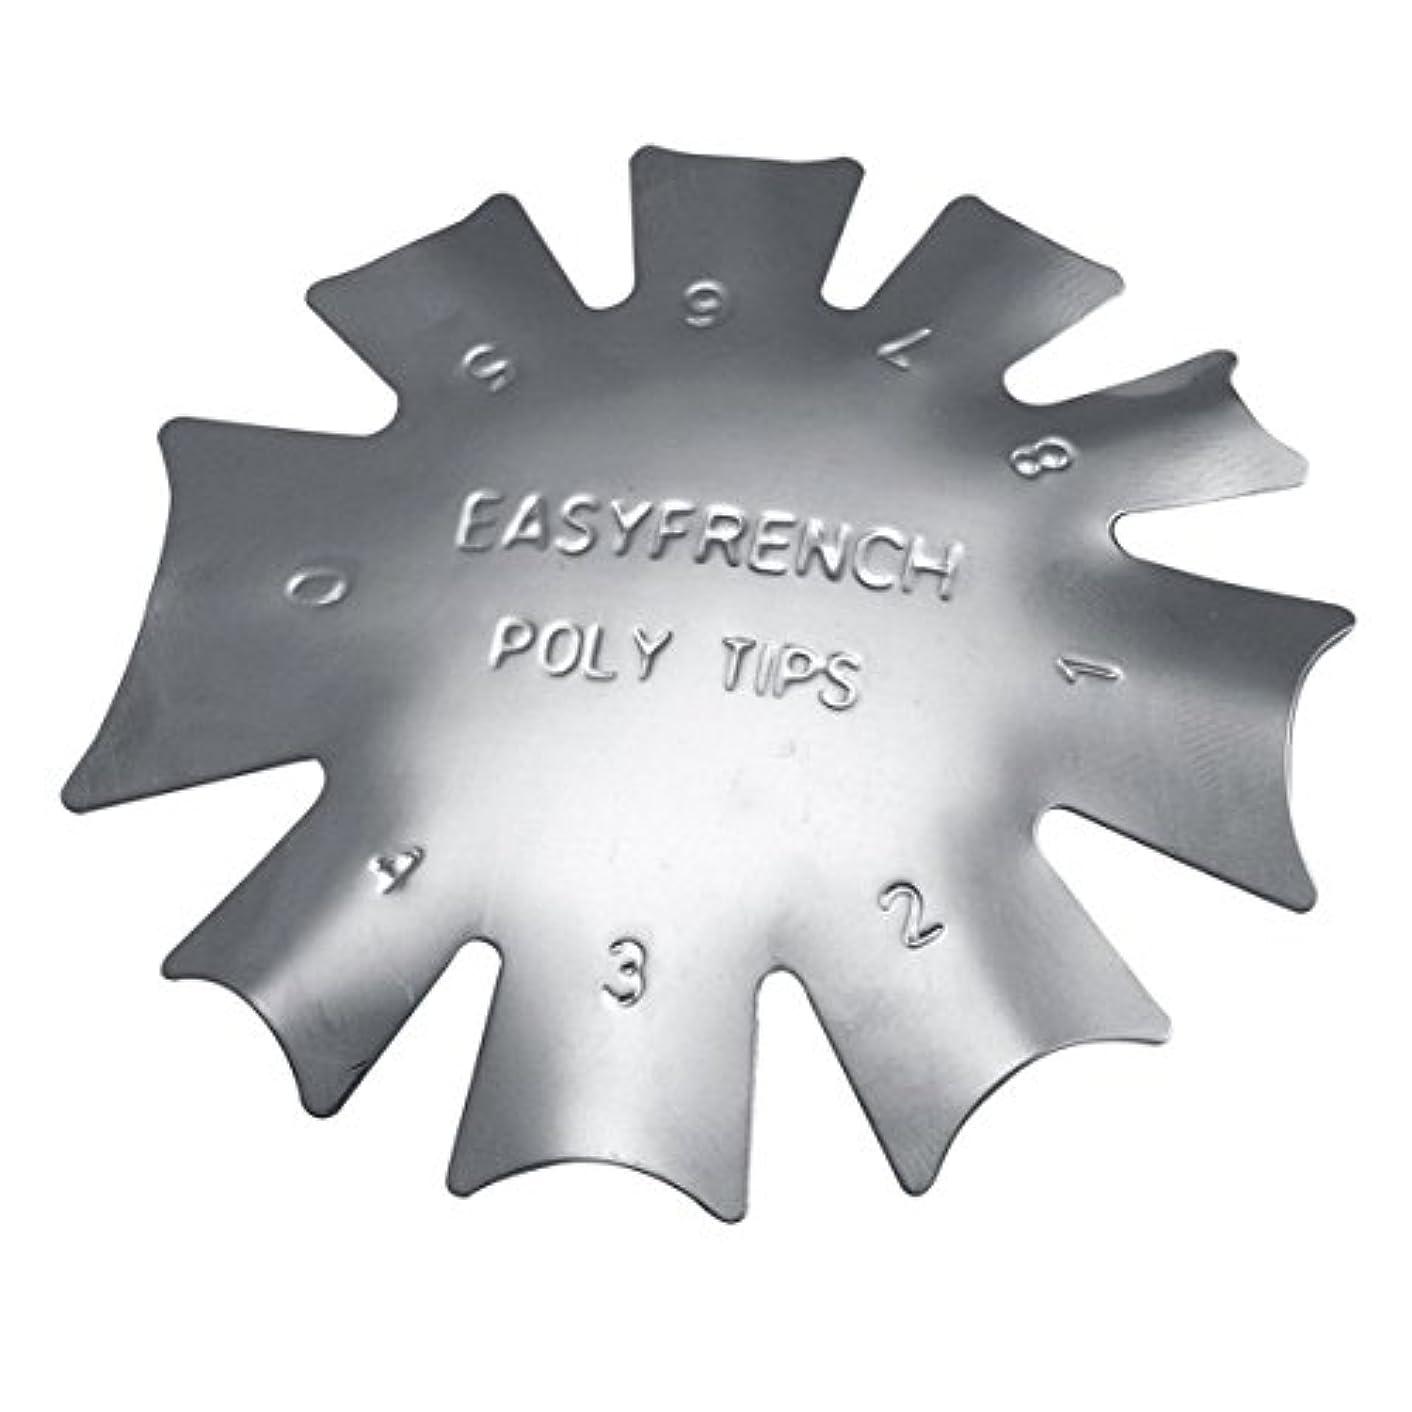 空虚不忠水平3ピース/セット丈夫な金属ステンレス鋼フレンチマニキュアモデリング整形プレートクリスタルネイル作りスタンピングプレート(シルバー)